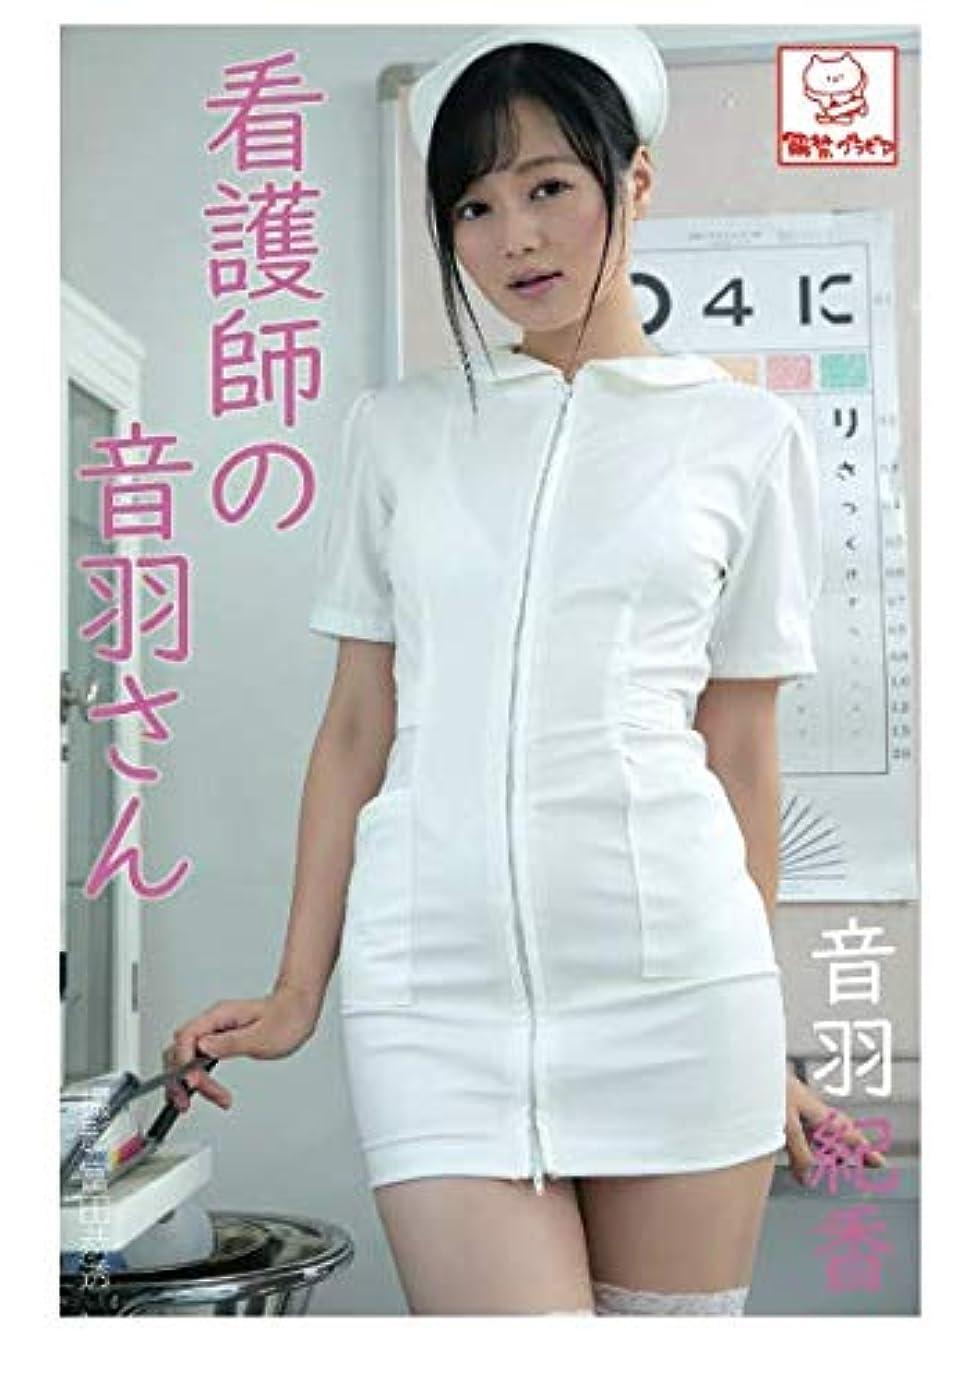 穴画家バッチ看護師の音羽さん 音羽紀香 (解禁グラビア写真集)